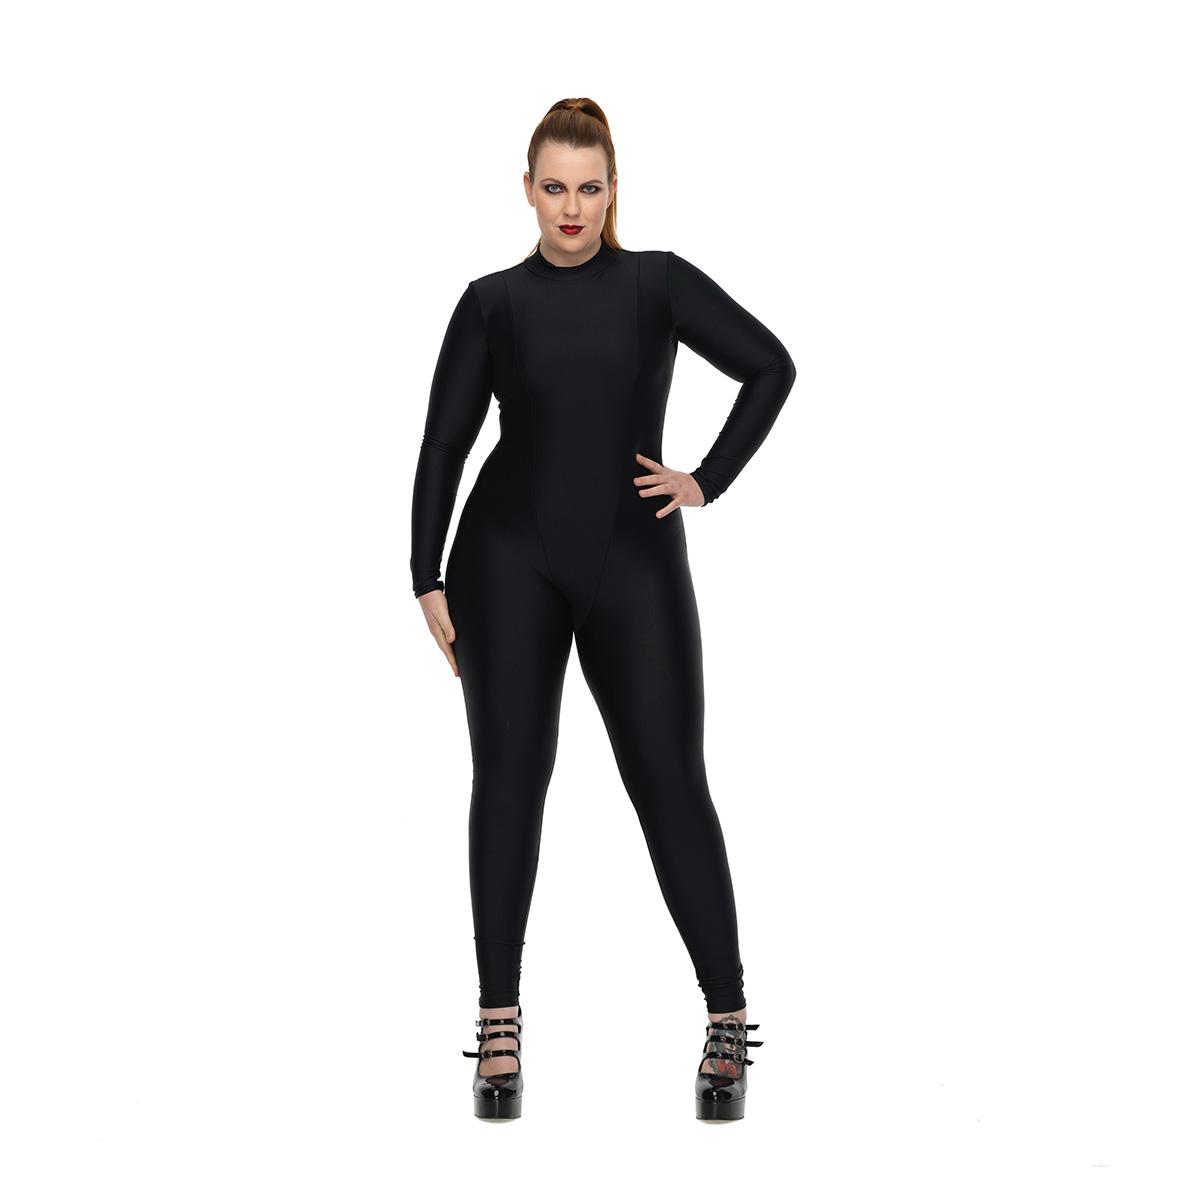 matte black classic catsuit - fantom wear | fantom wear